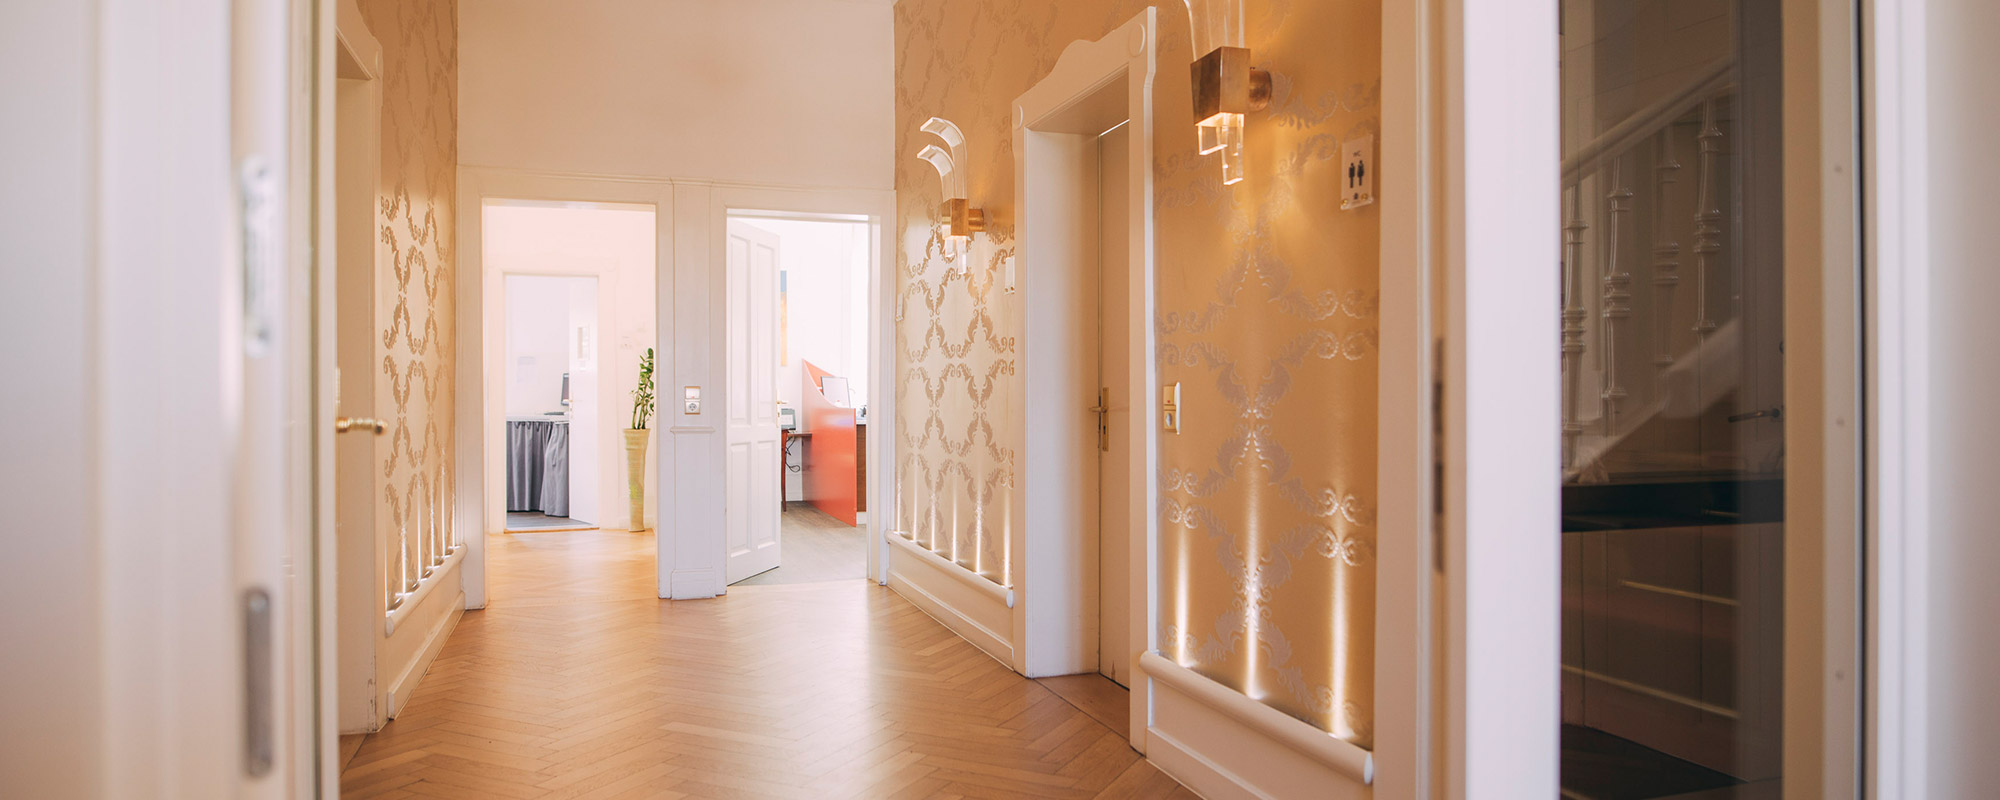 In der Privatpraxis der Villa Seldeneck fühlen sich Privatpatienten sehr gut aufgehoben.